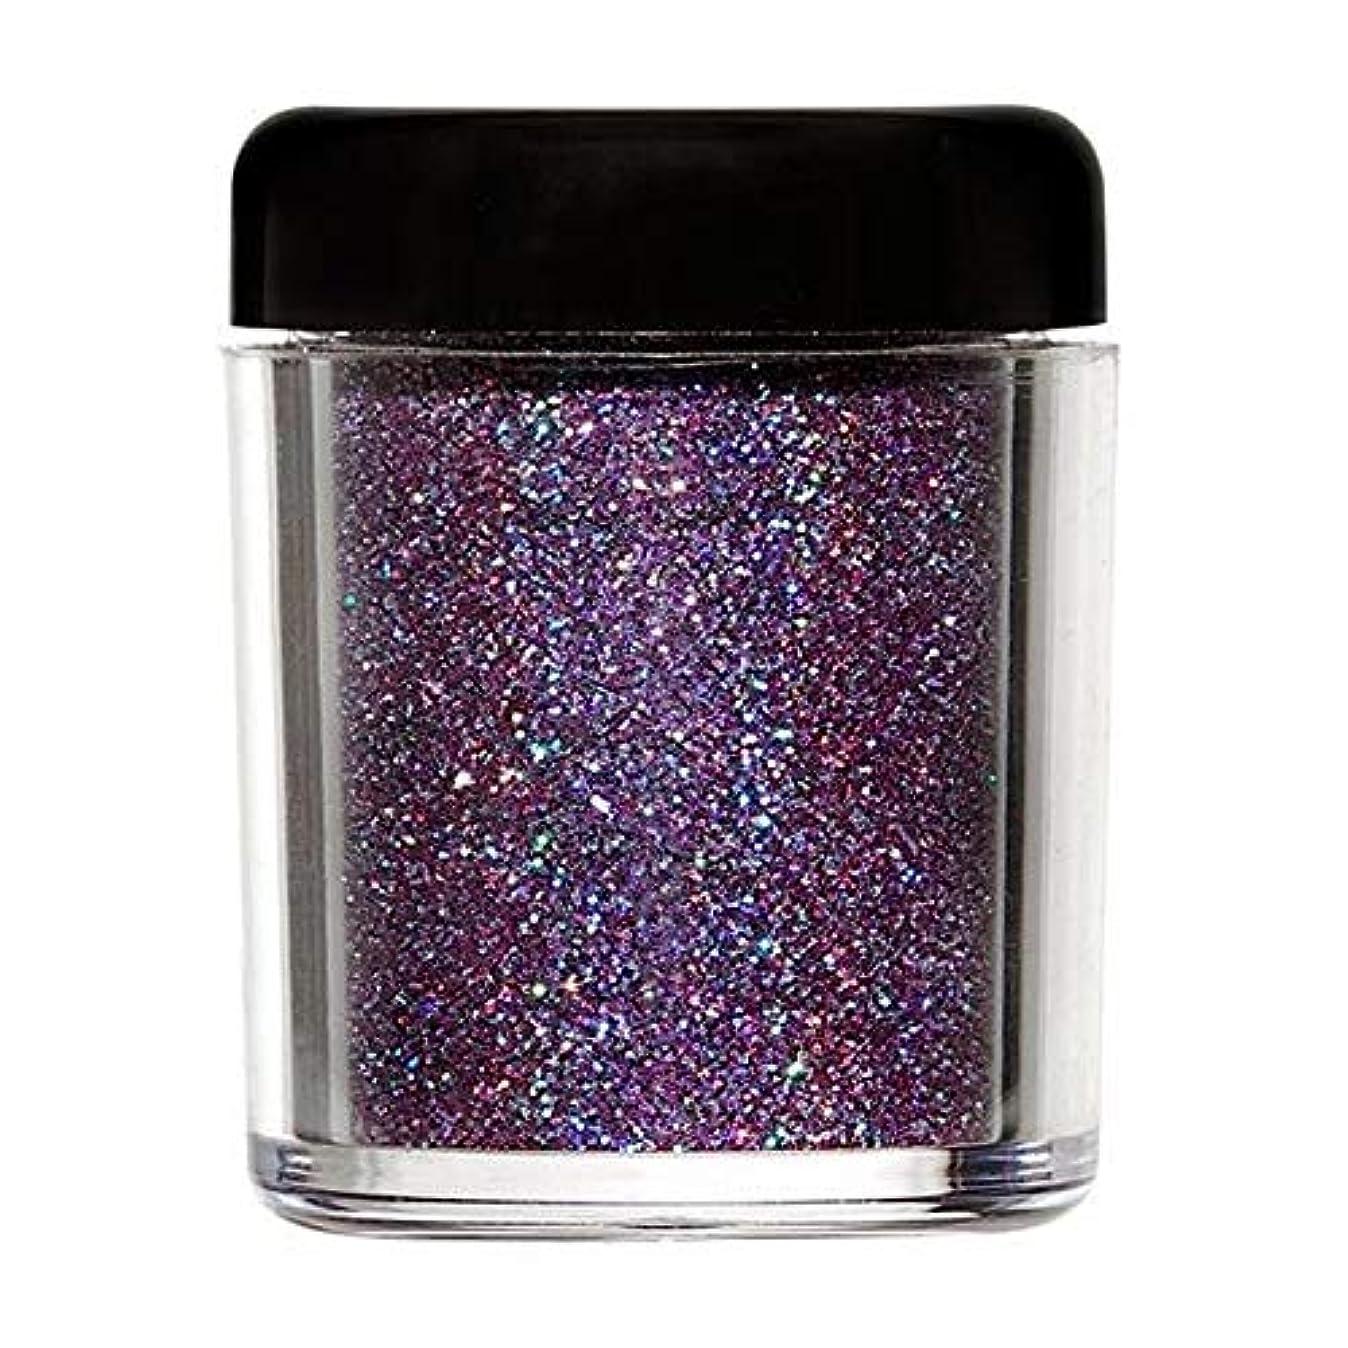 コイルペイント独特の[Barry M ] バリーメートルのグリッターラッシュボディの輝き - 紫外線 - Barry M Glitter Rush Body Glitter - Ultraviolet [並行輸入品]